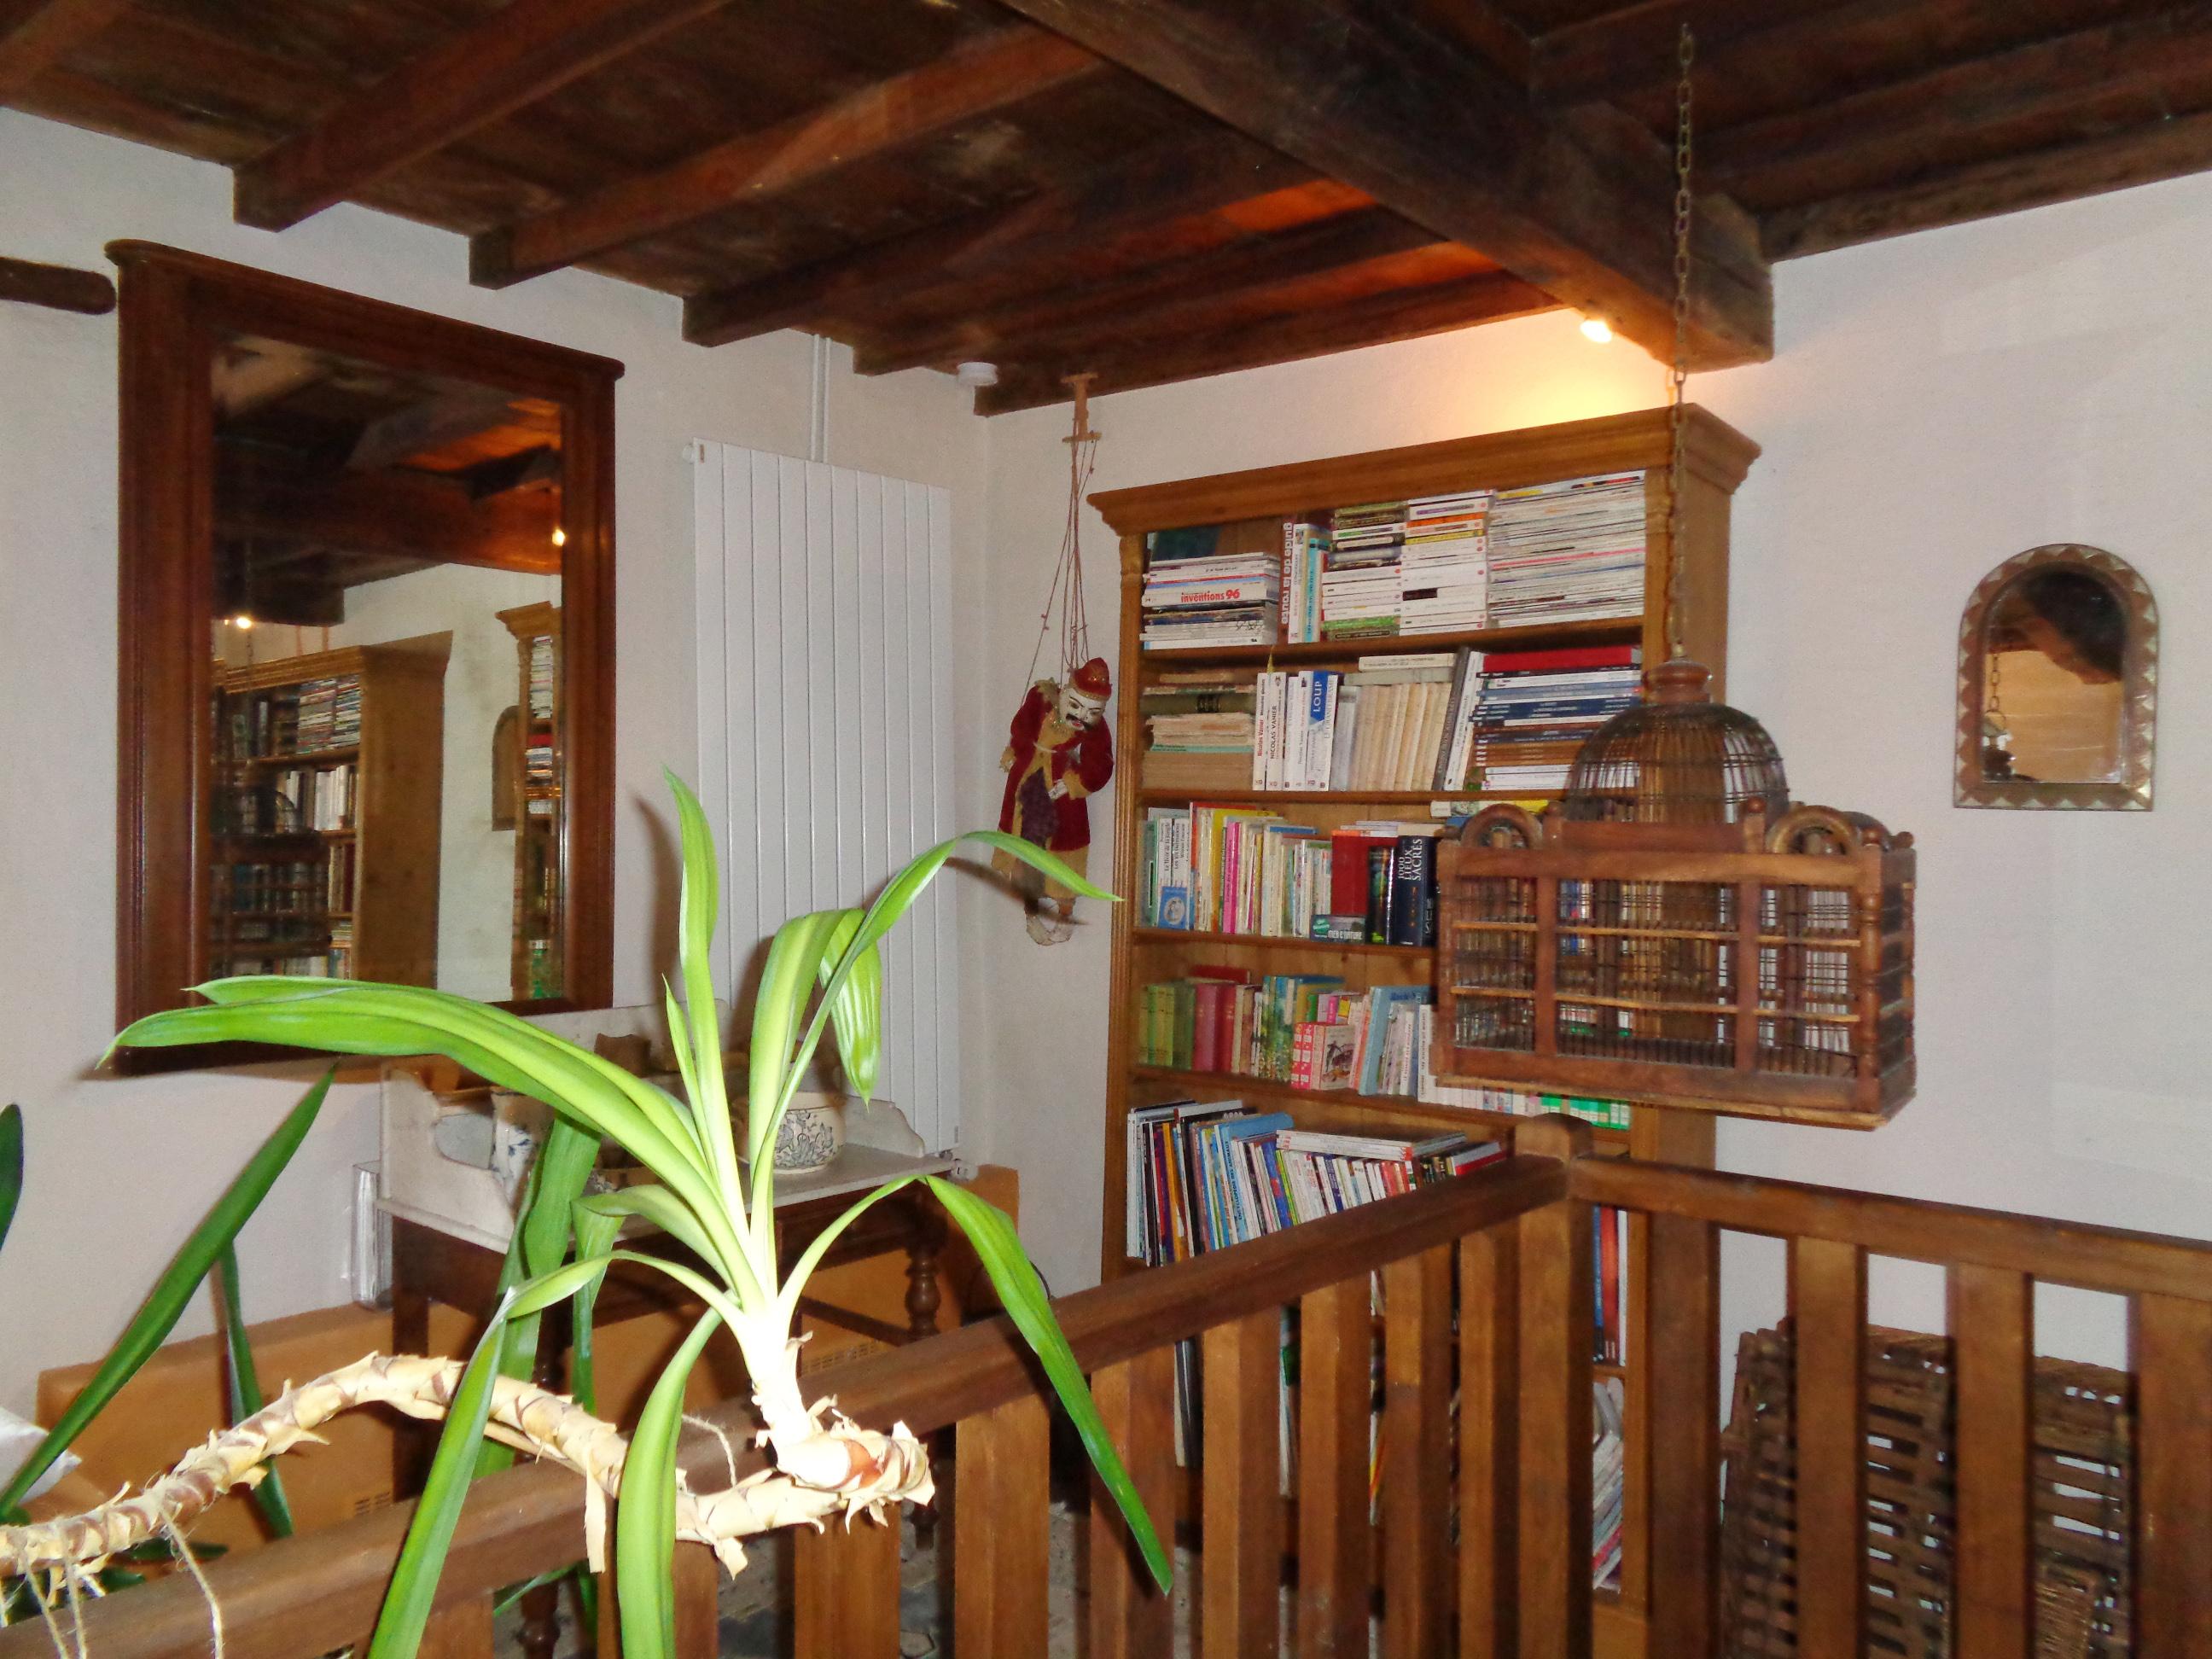 Vue du salon du bas avec canapé en cuir blanc donnant sur une cheminée en pierres d'époque.